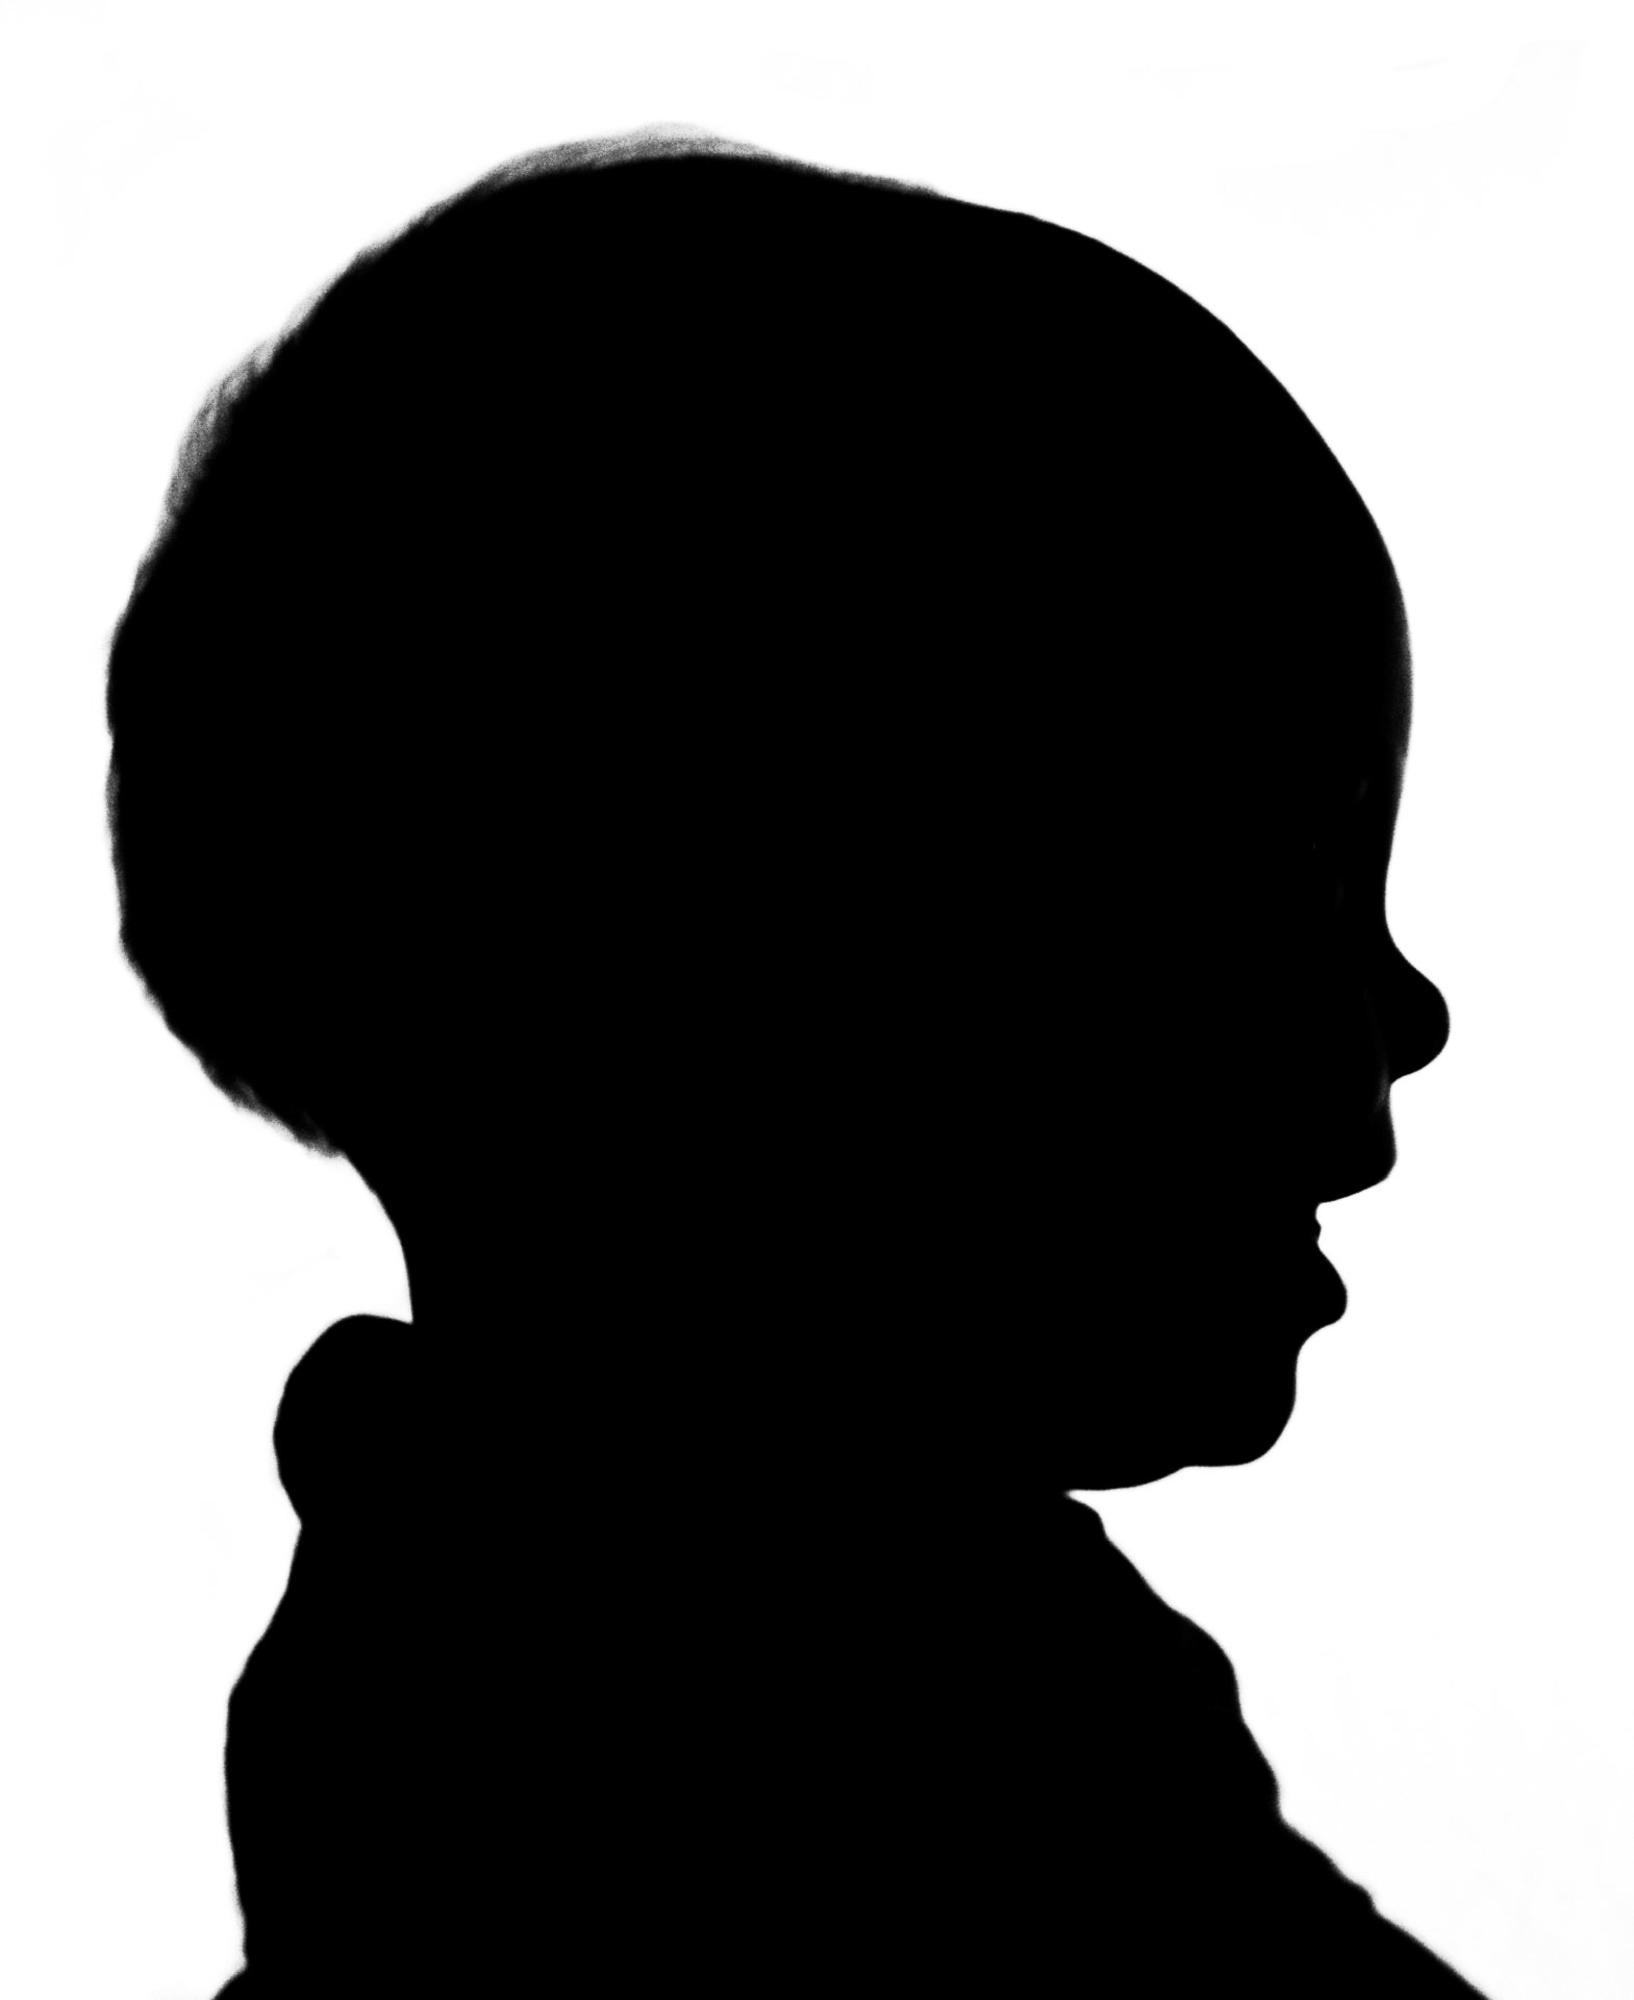 ein neues 'Profilbild' am ersten Geburtstag